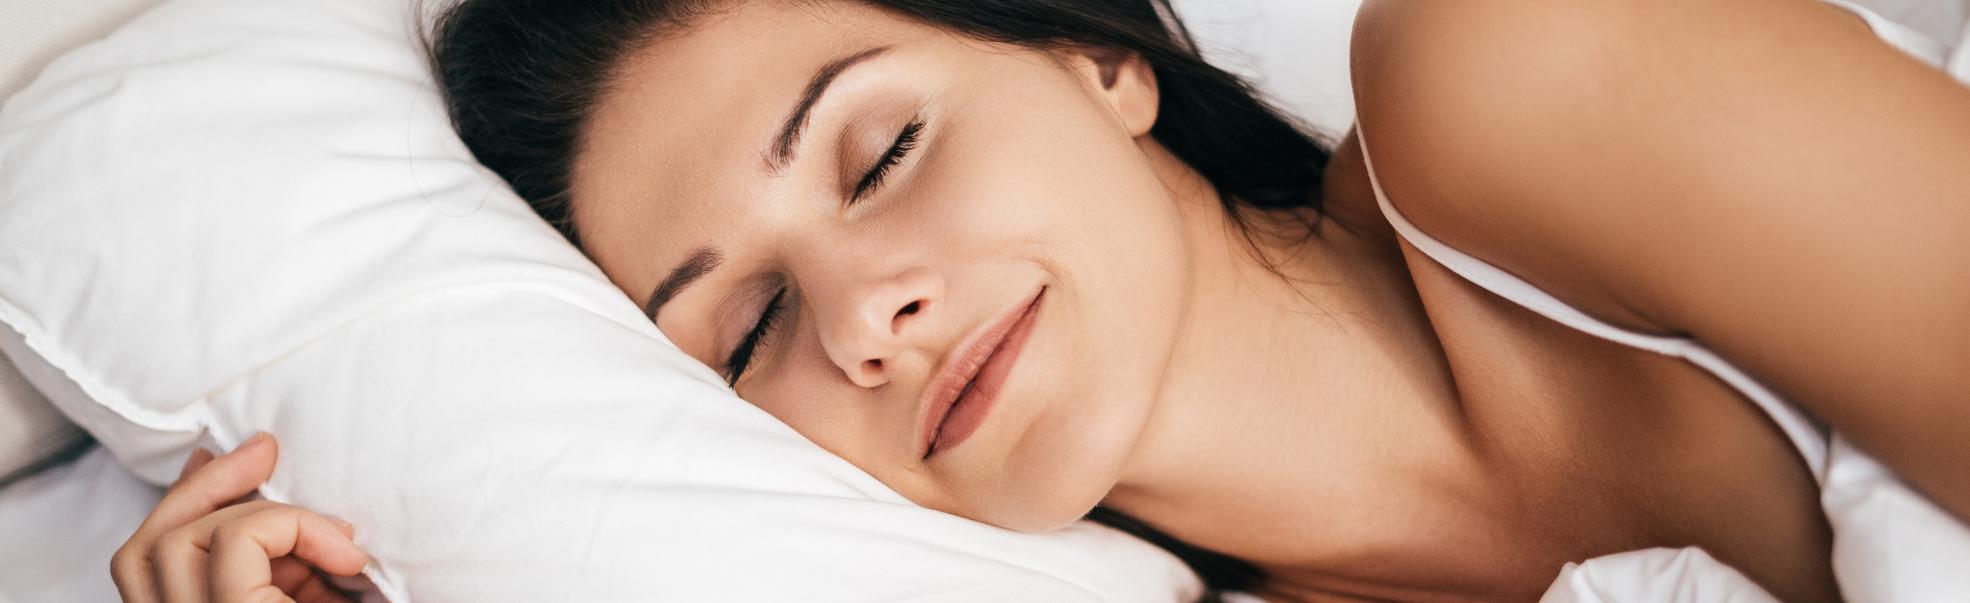 Uyku Hastalıkları Kliniği